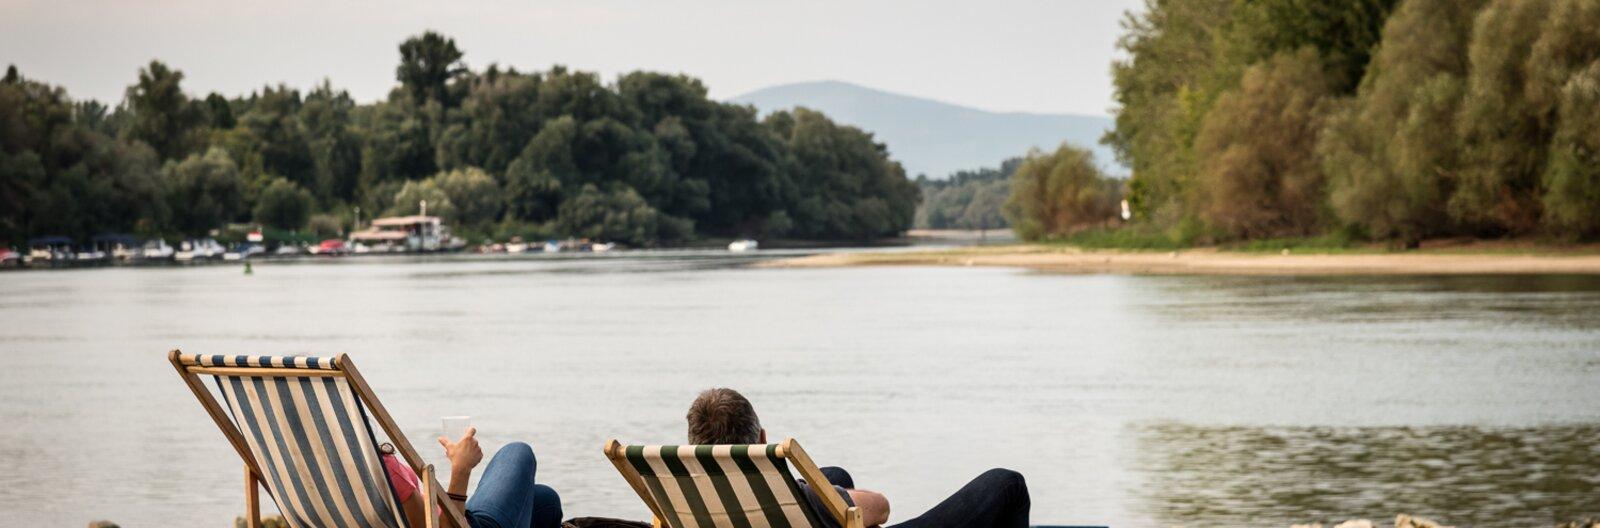 10 kirándulóhely, amit érdemes felfedezni a Dunakanyarban